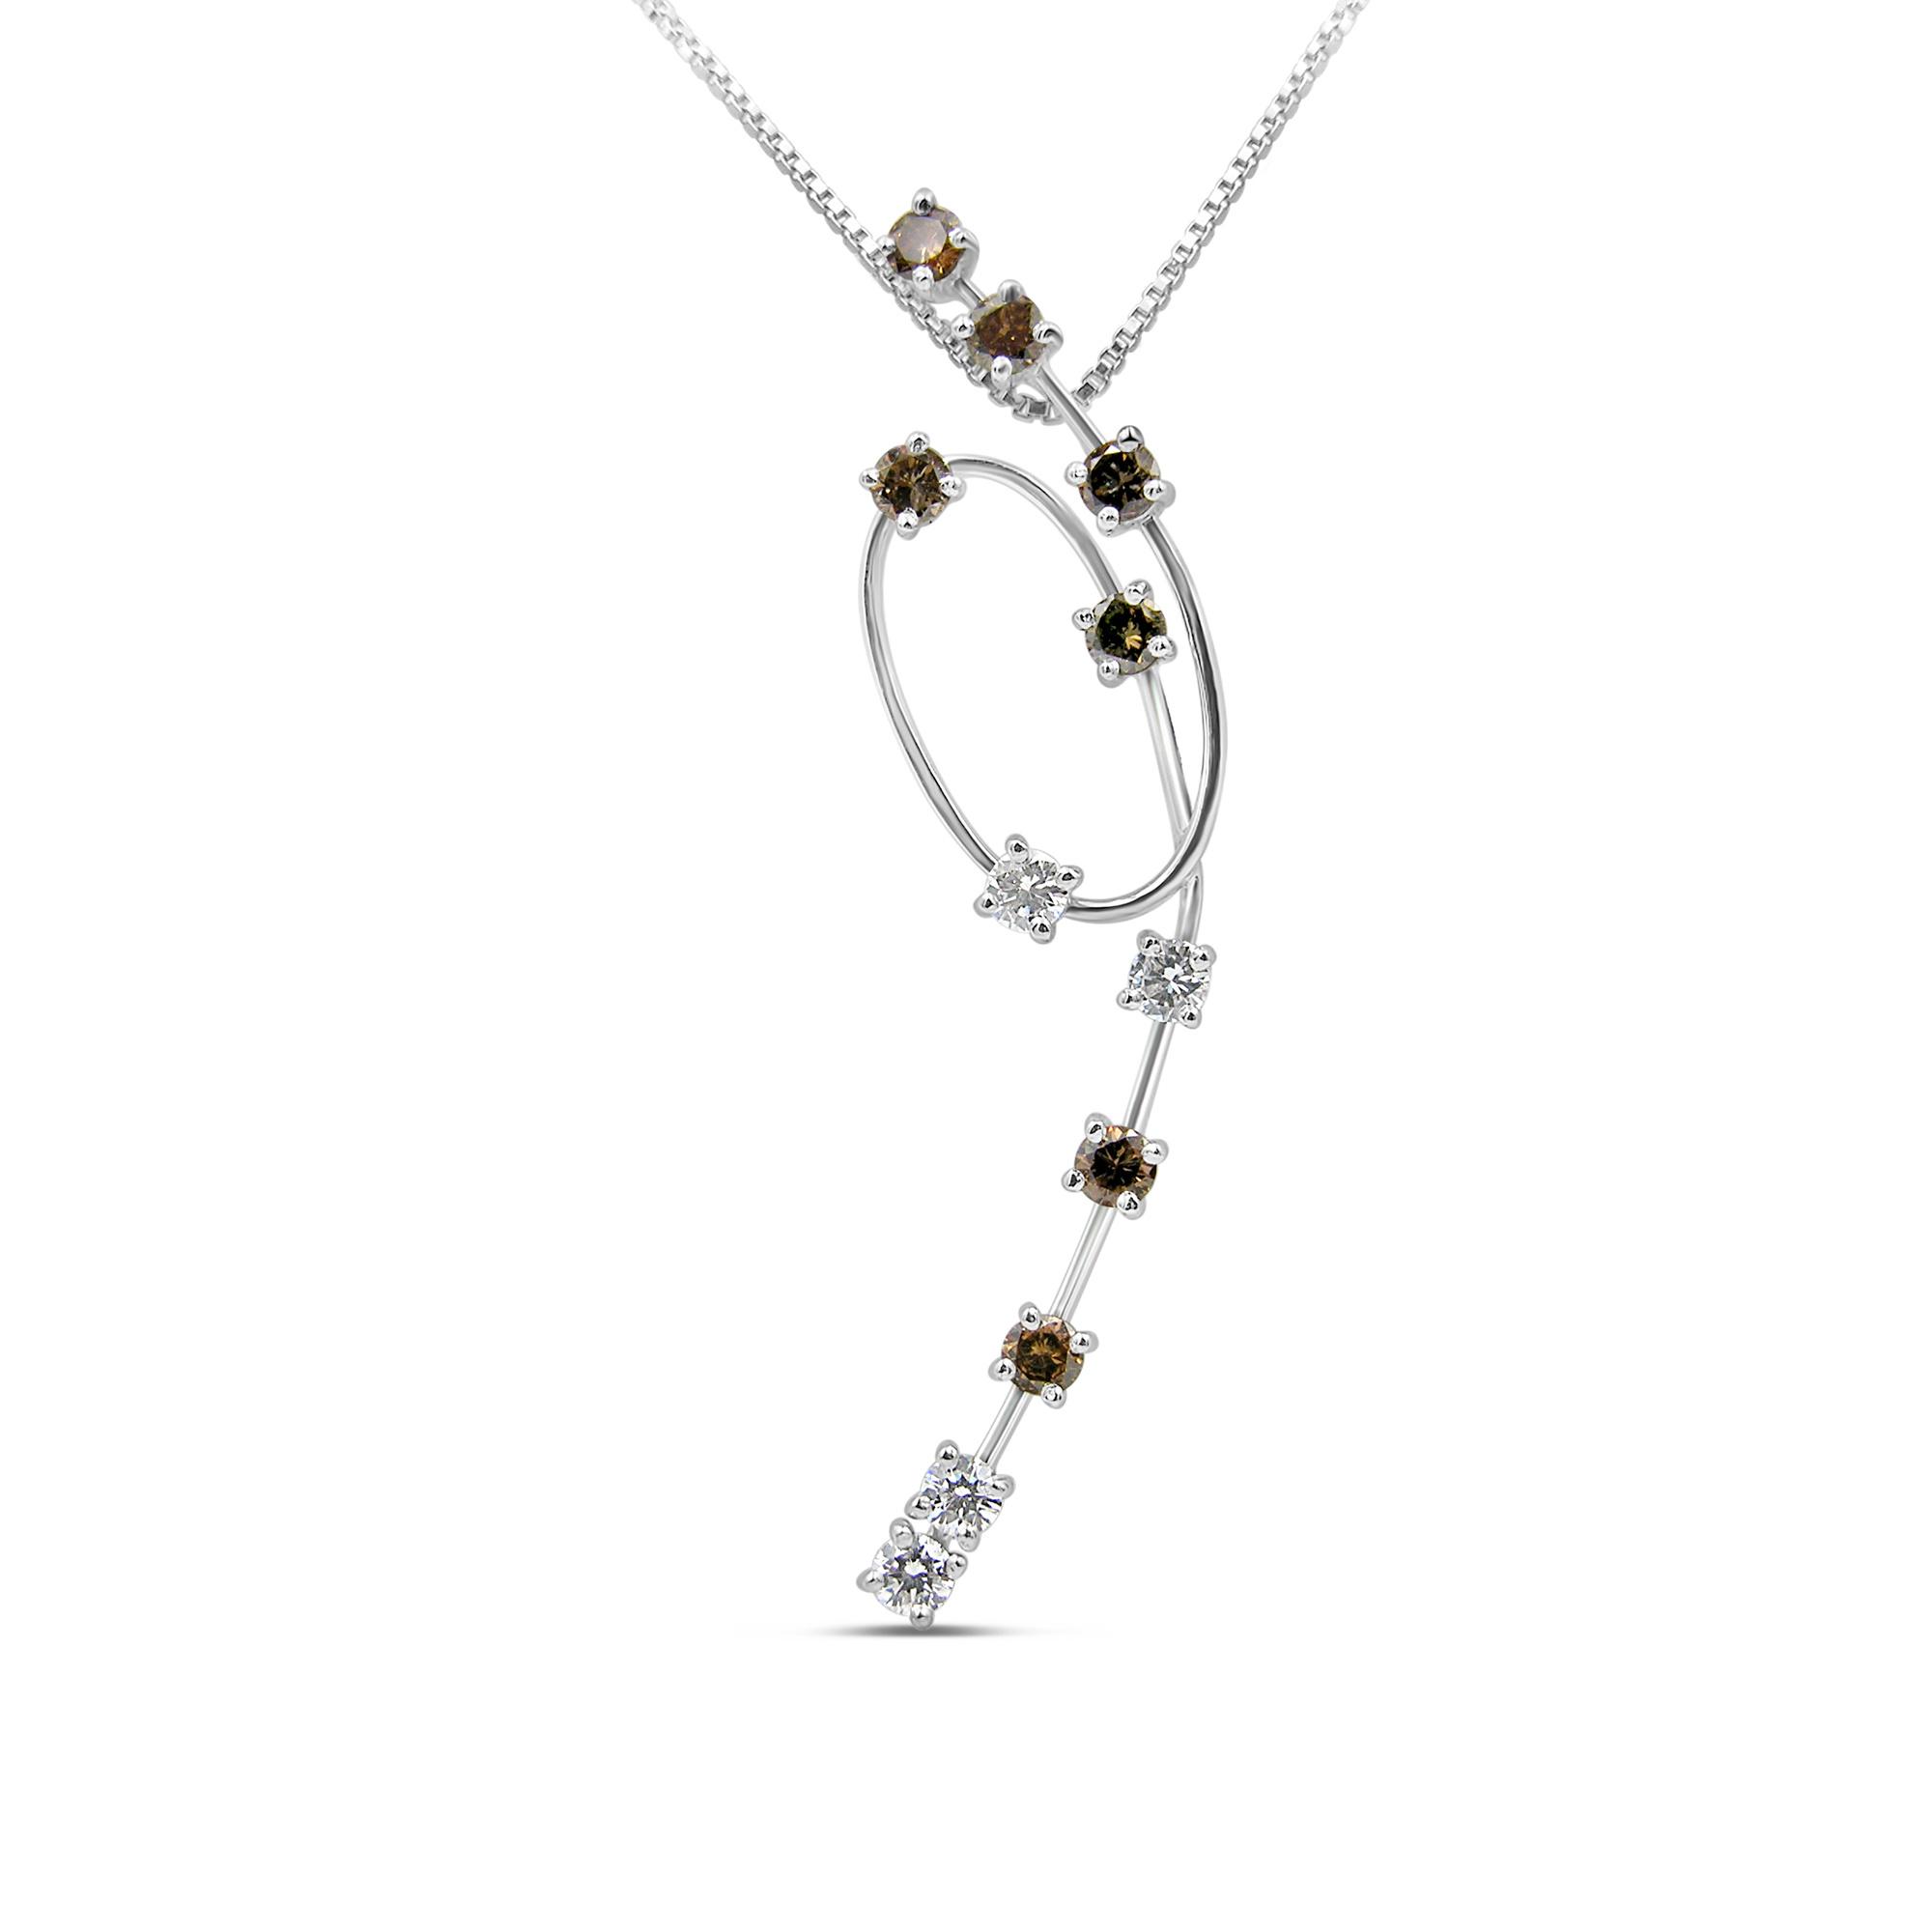 18kt wit goud hanger met 0.56 ct diamanten